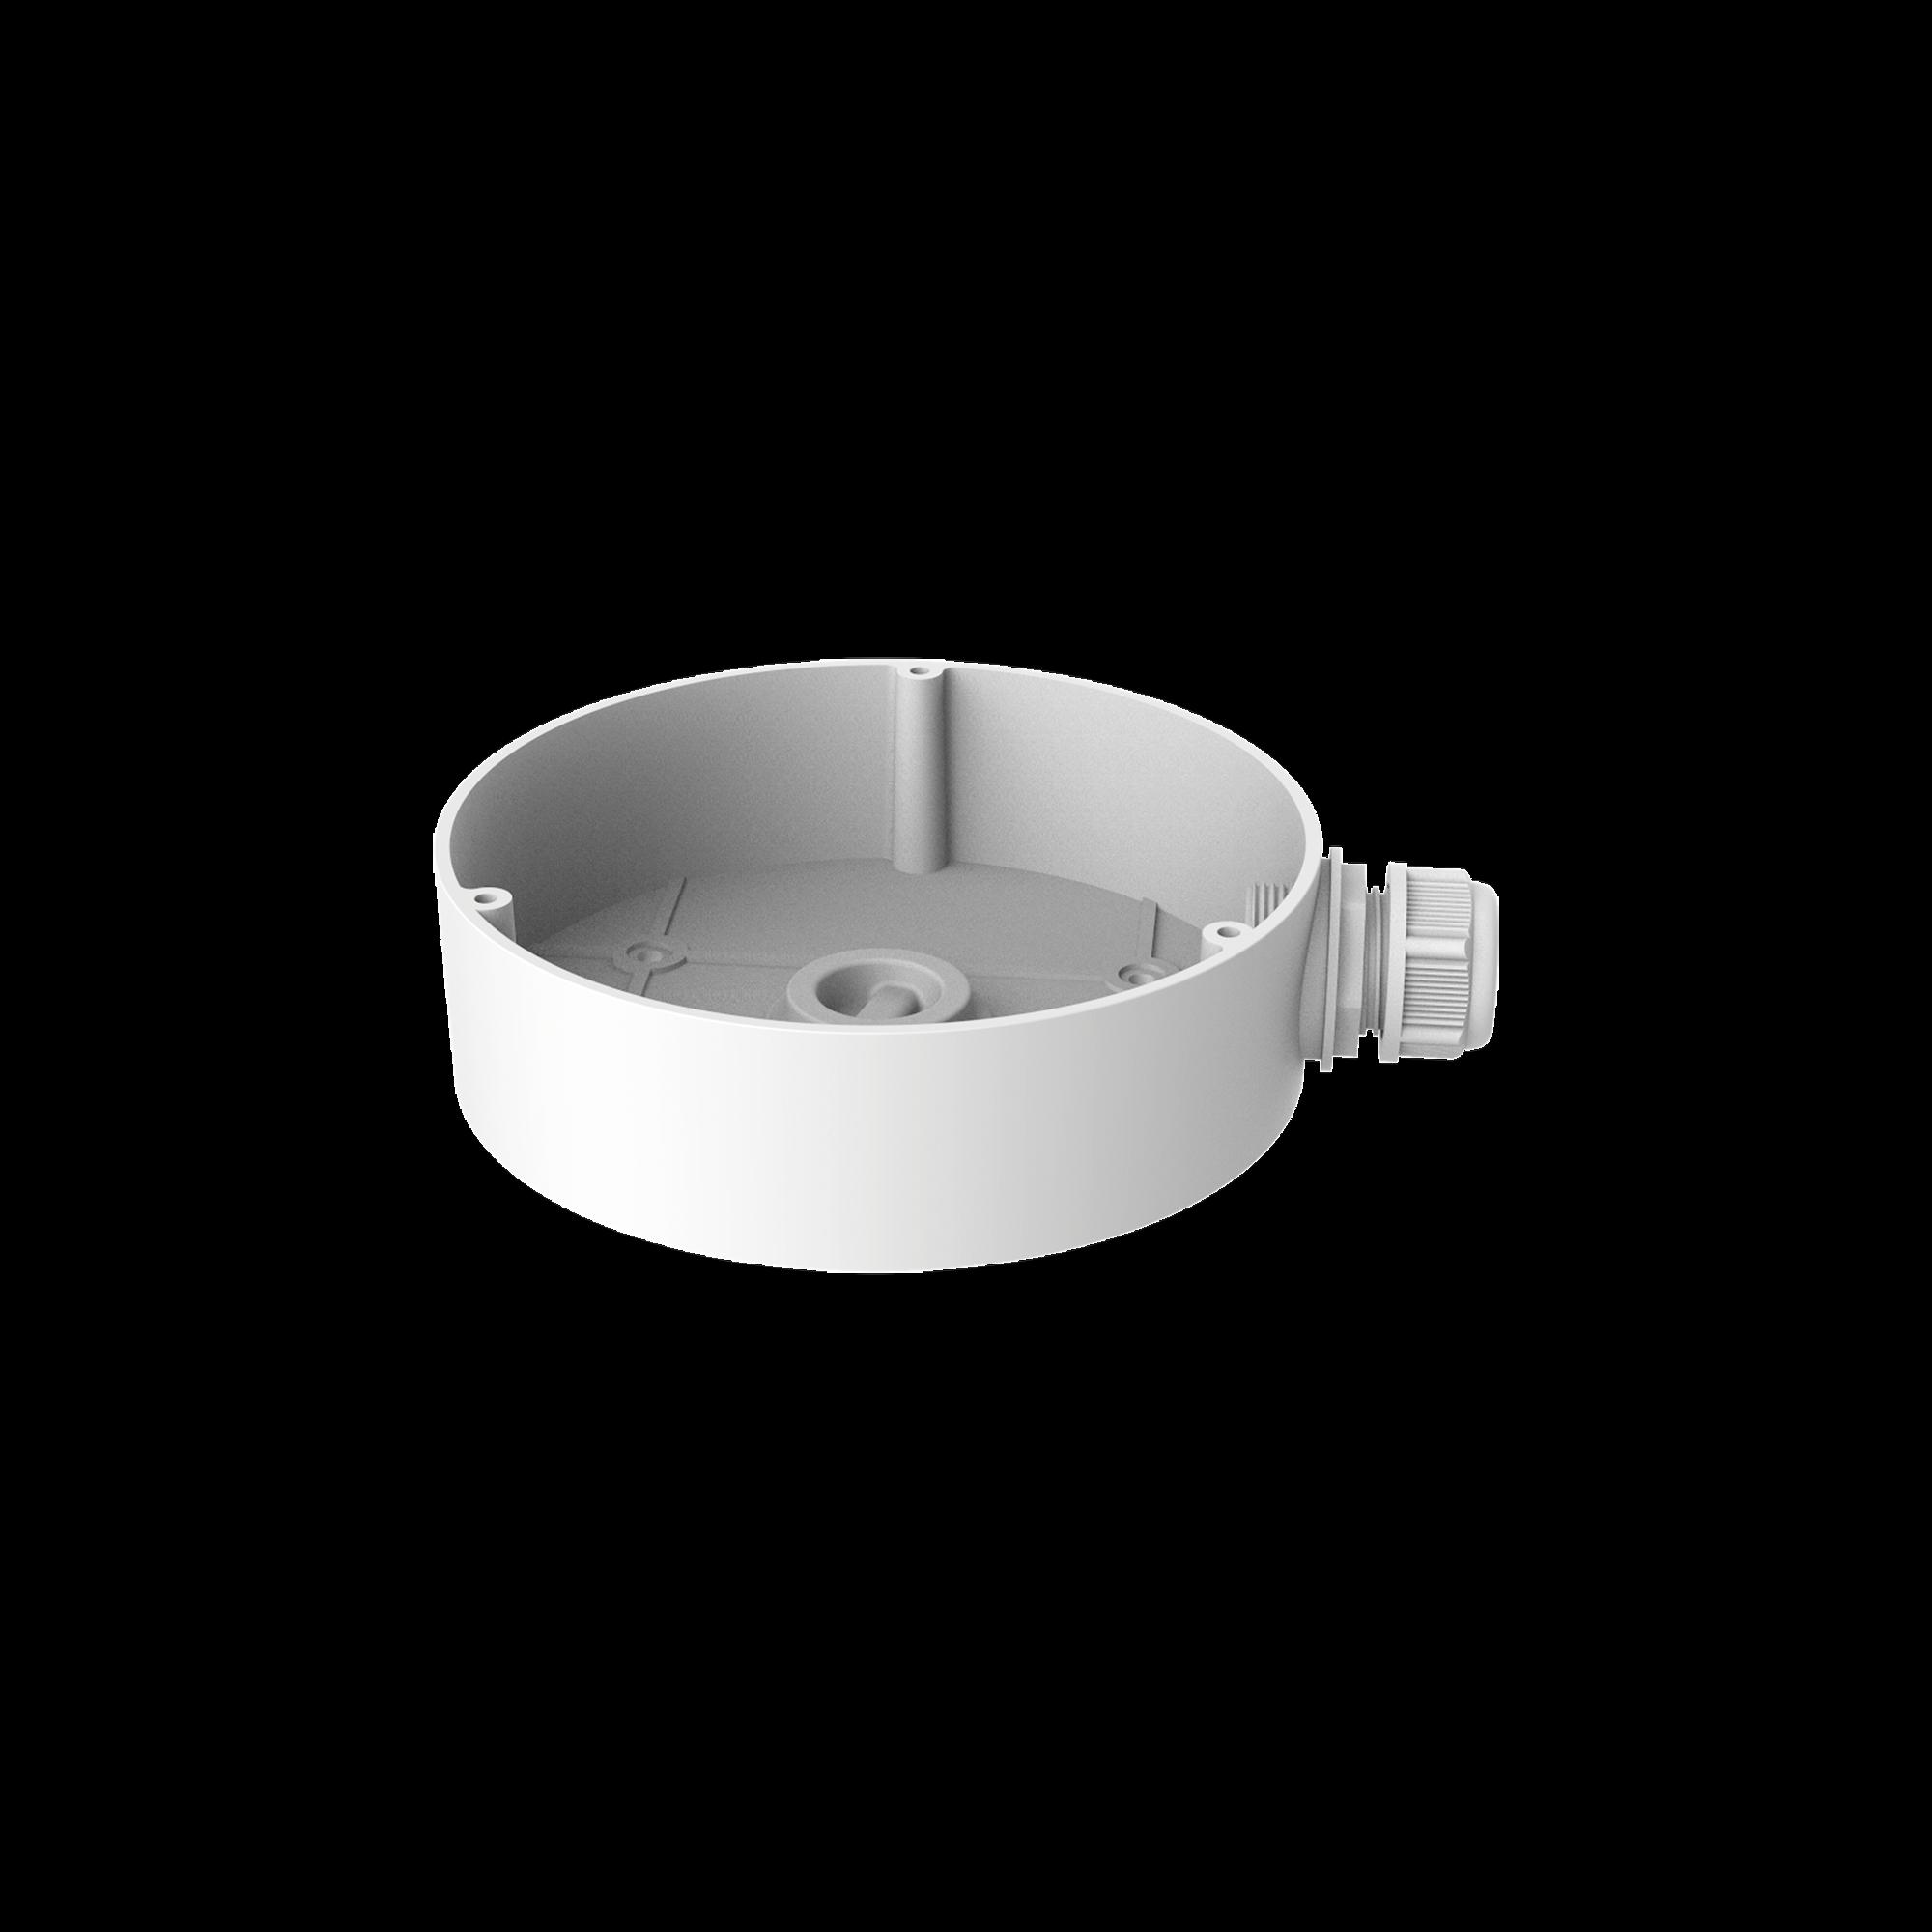 Caja de Conexion para Domos TURBOHD 4K / Uso en Exterior / Fabricado en Aluminio